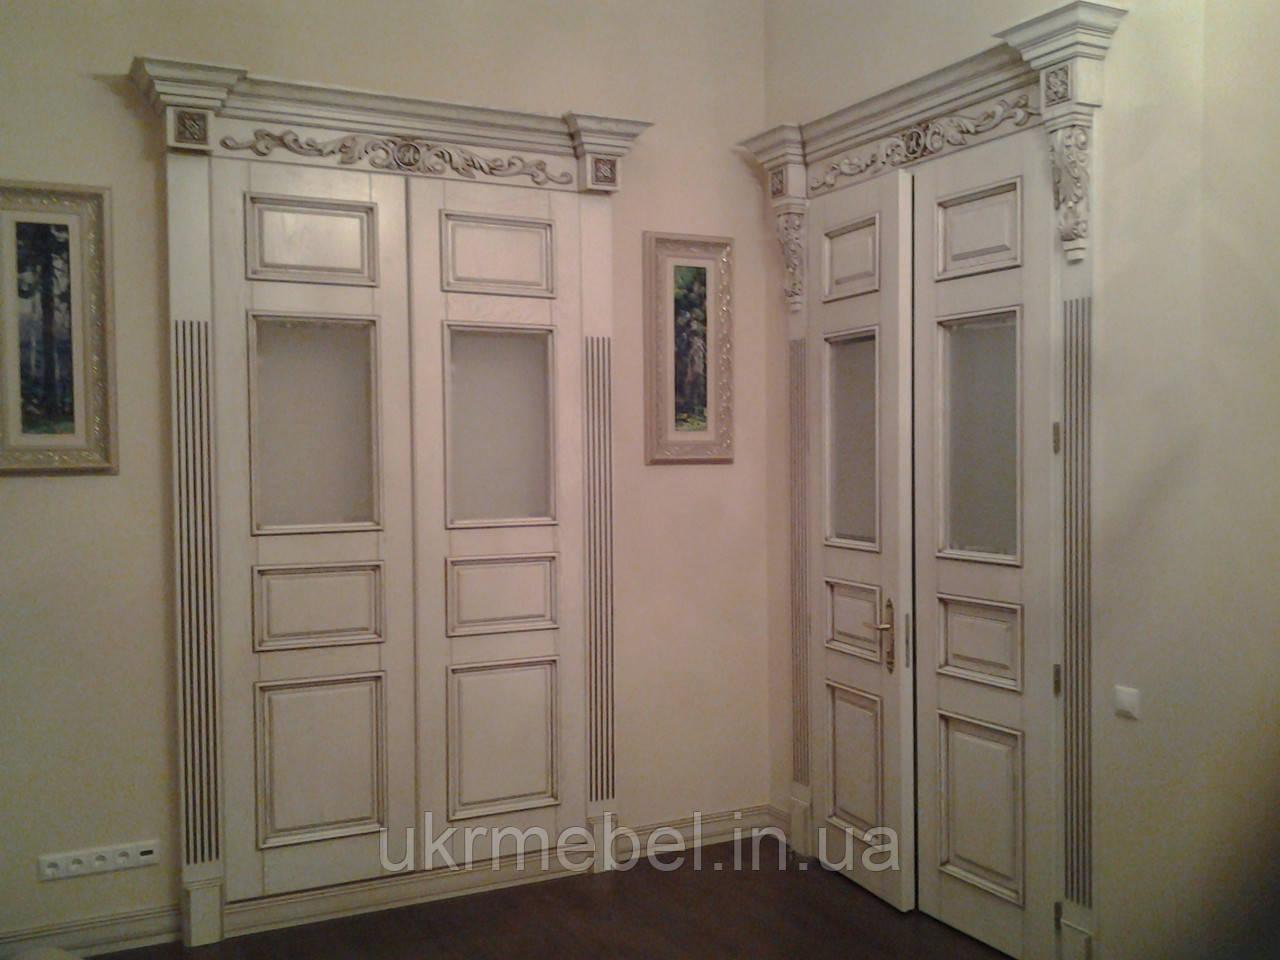 Изготовление деревянных дверей